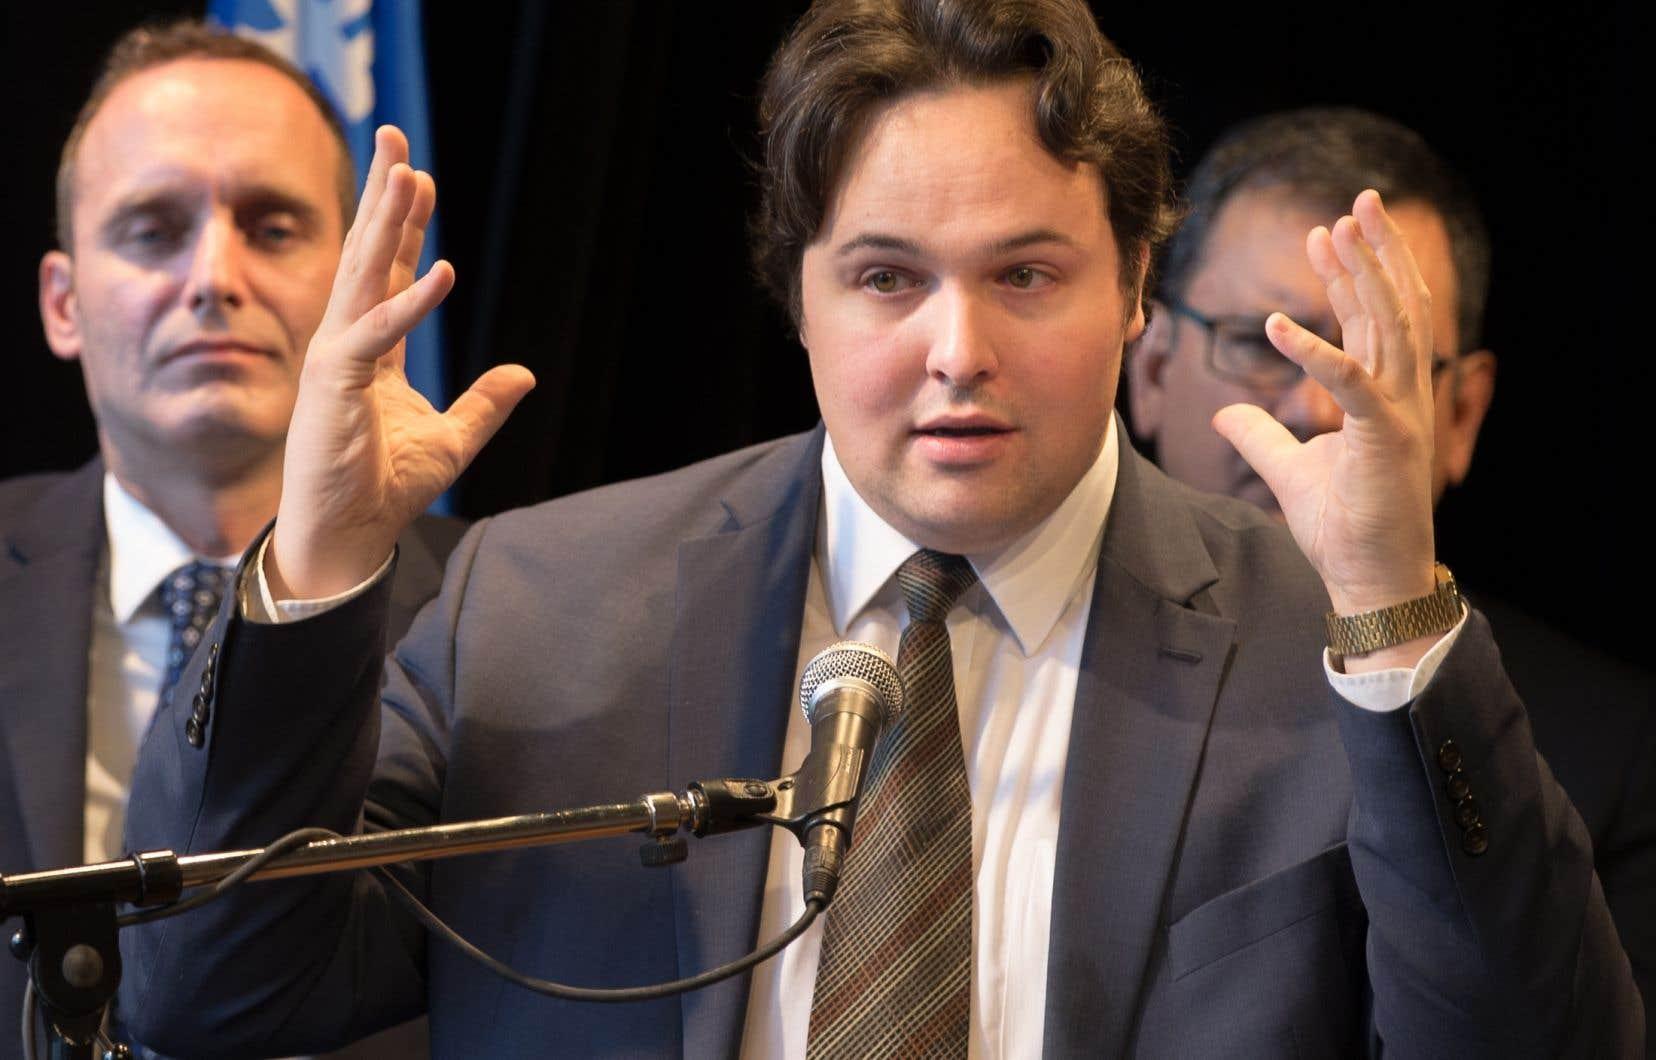 <p>Le président général de la Société Saint-Jean-Baptiste de Montréal, Maxime Laporte, presse le gouvernement libéral de briser l'élan au «bilinguisme institutionnel».</p>